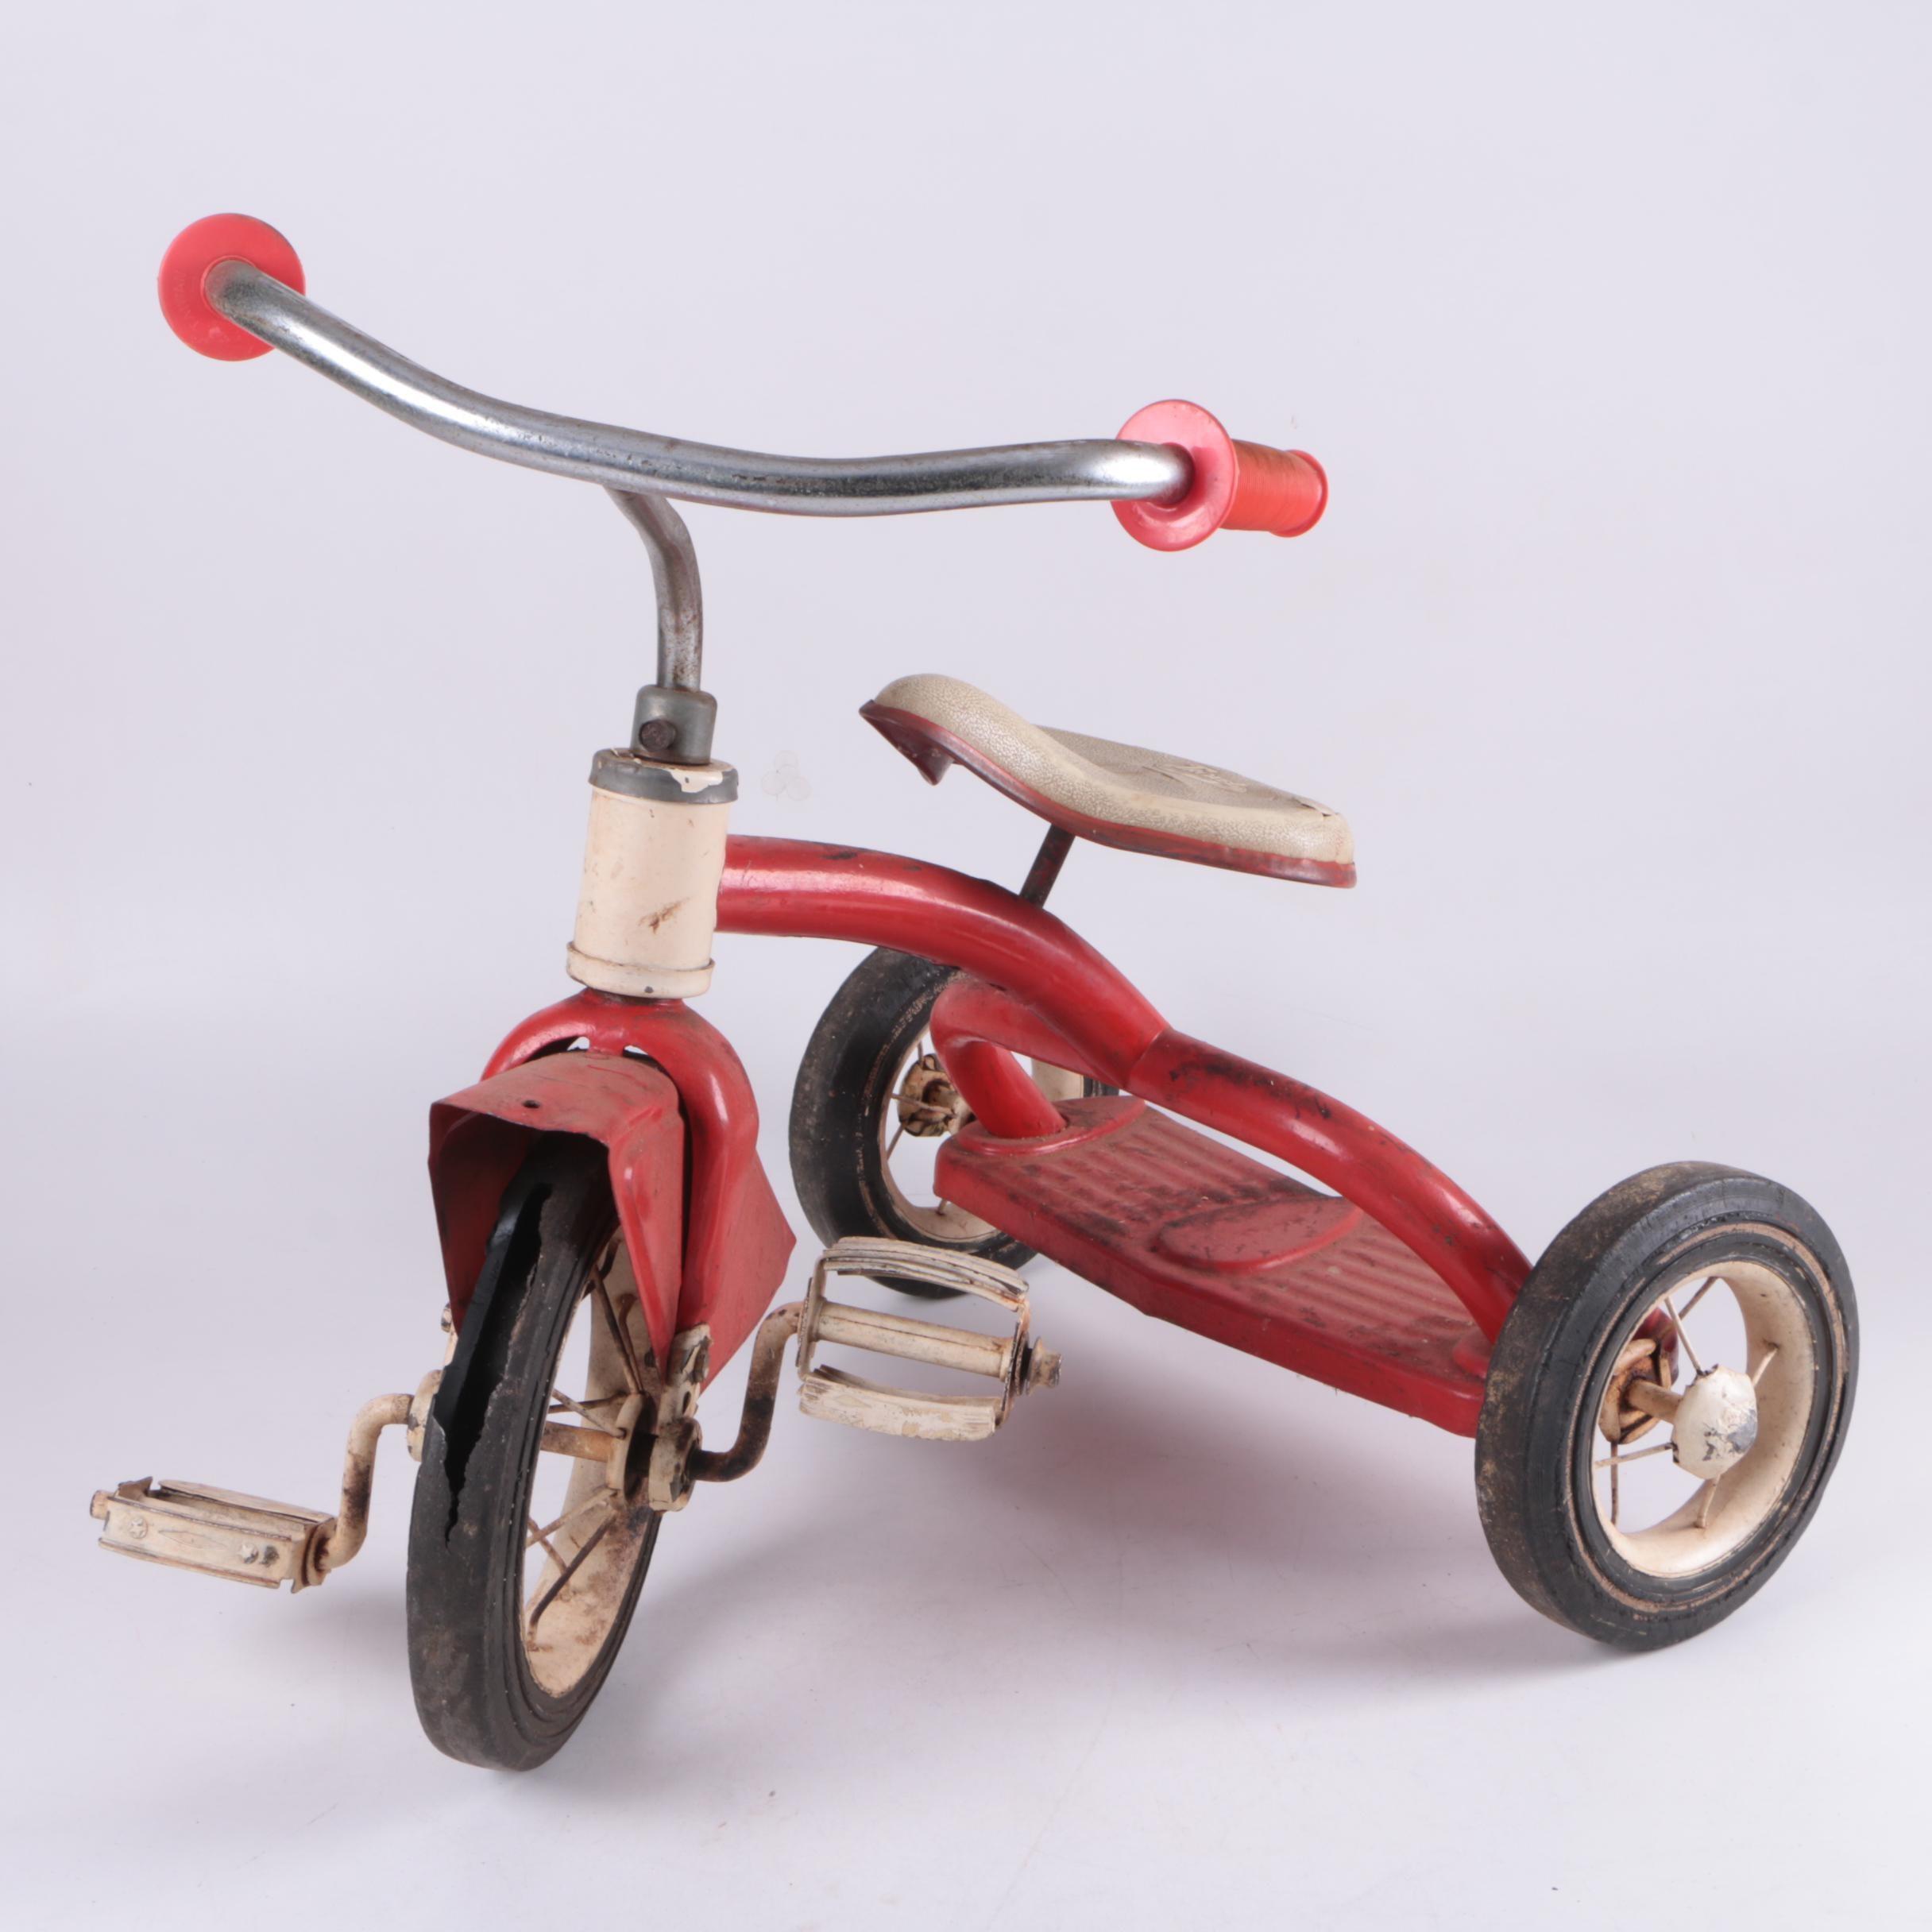 Vintage Troxel Tricycle